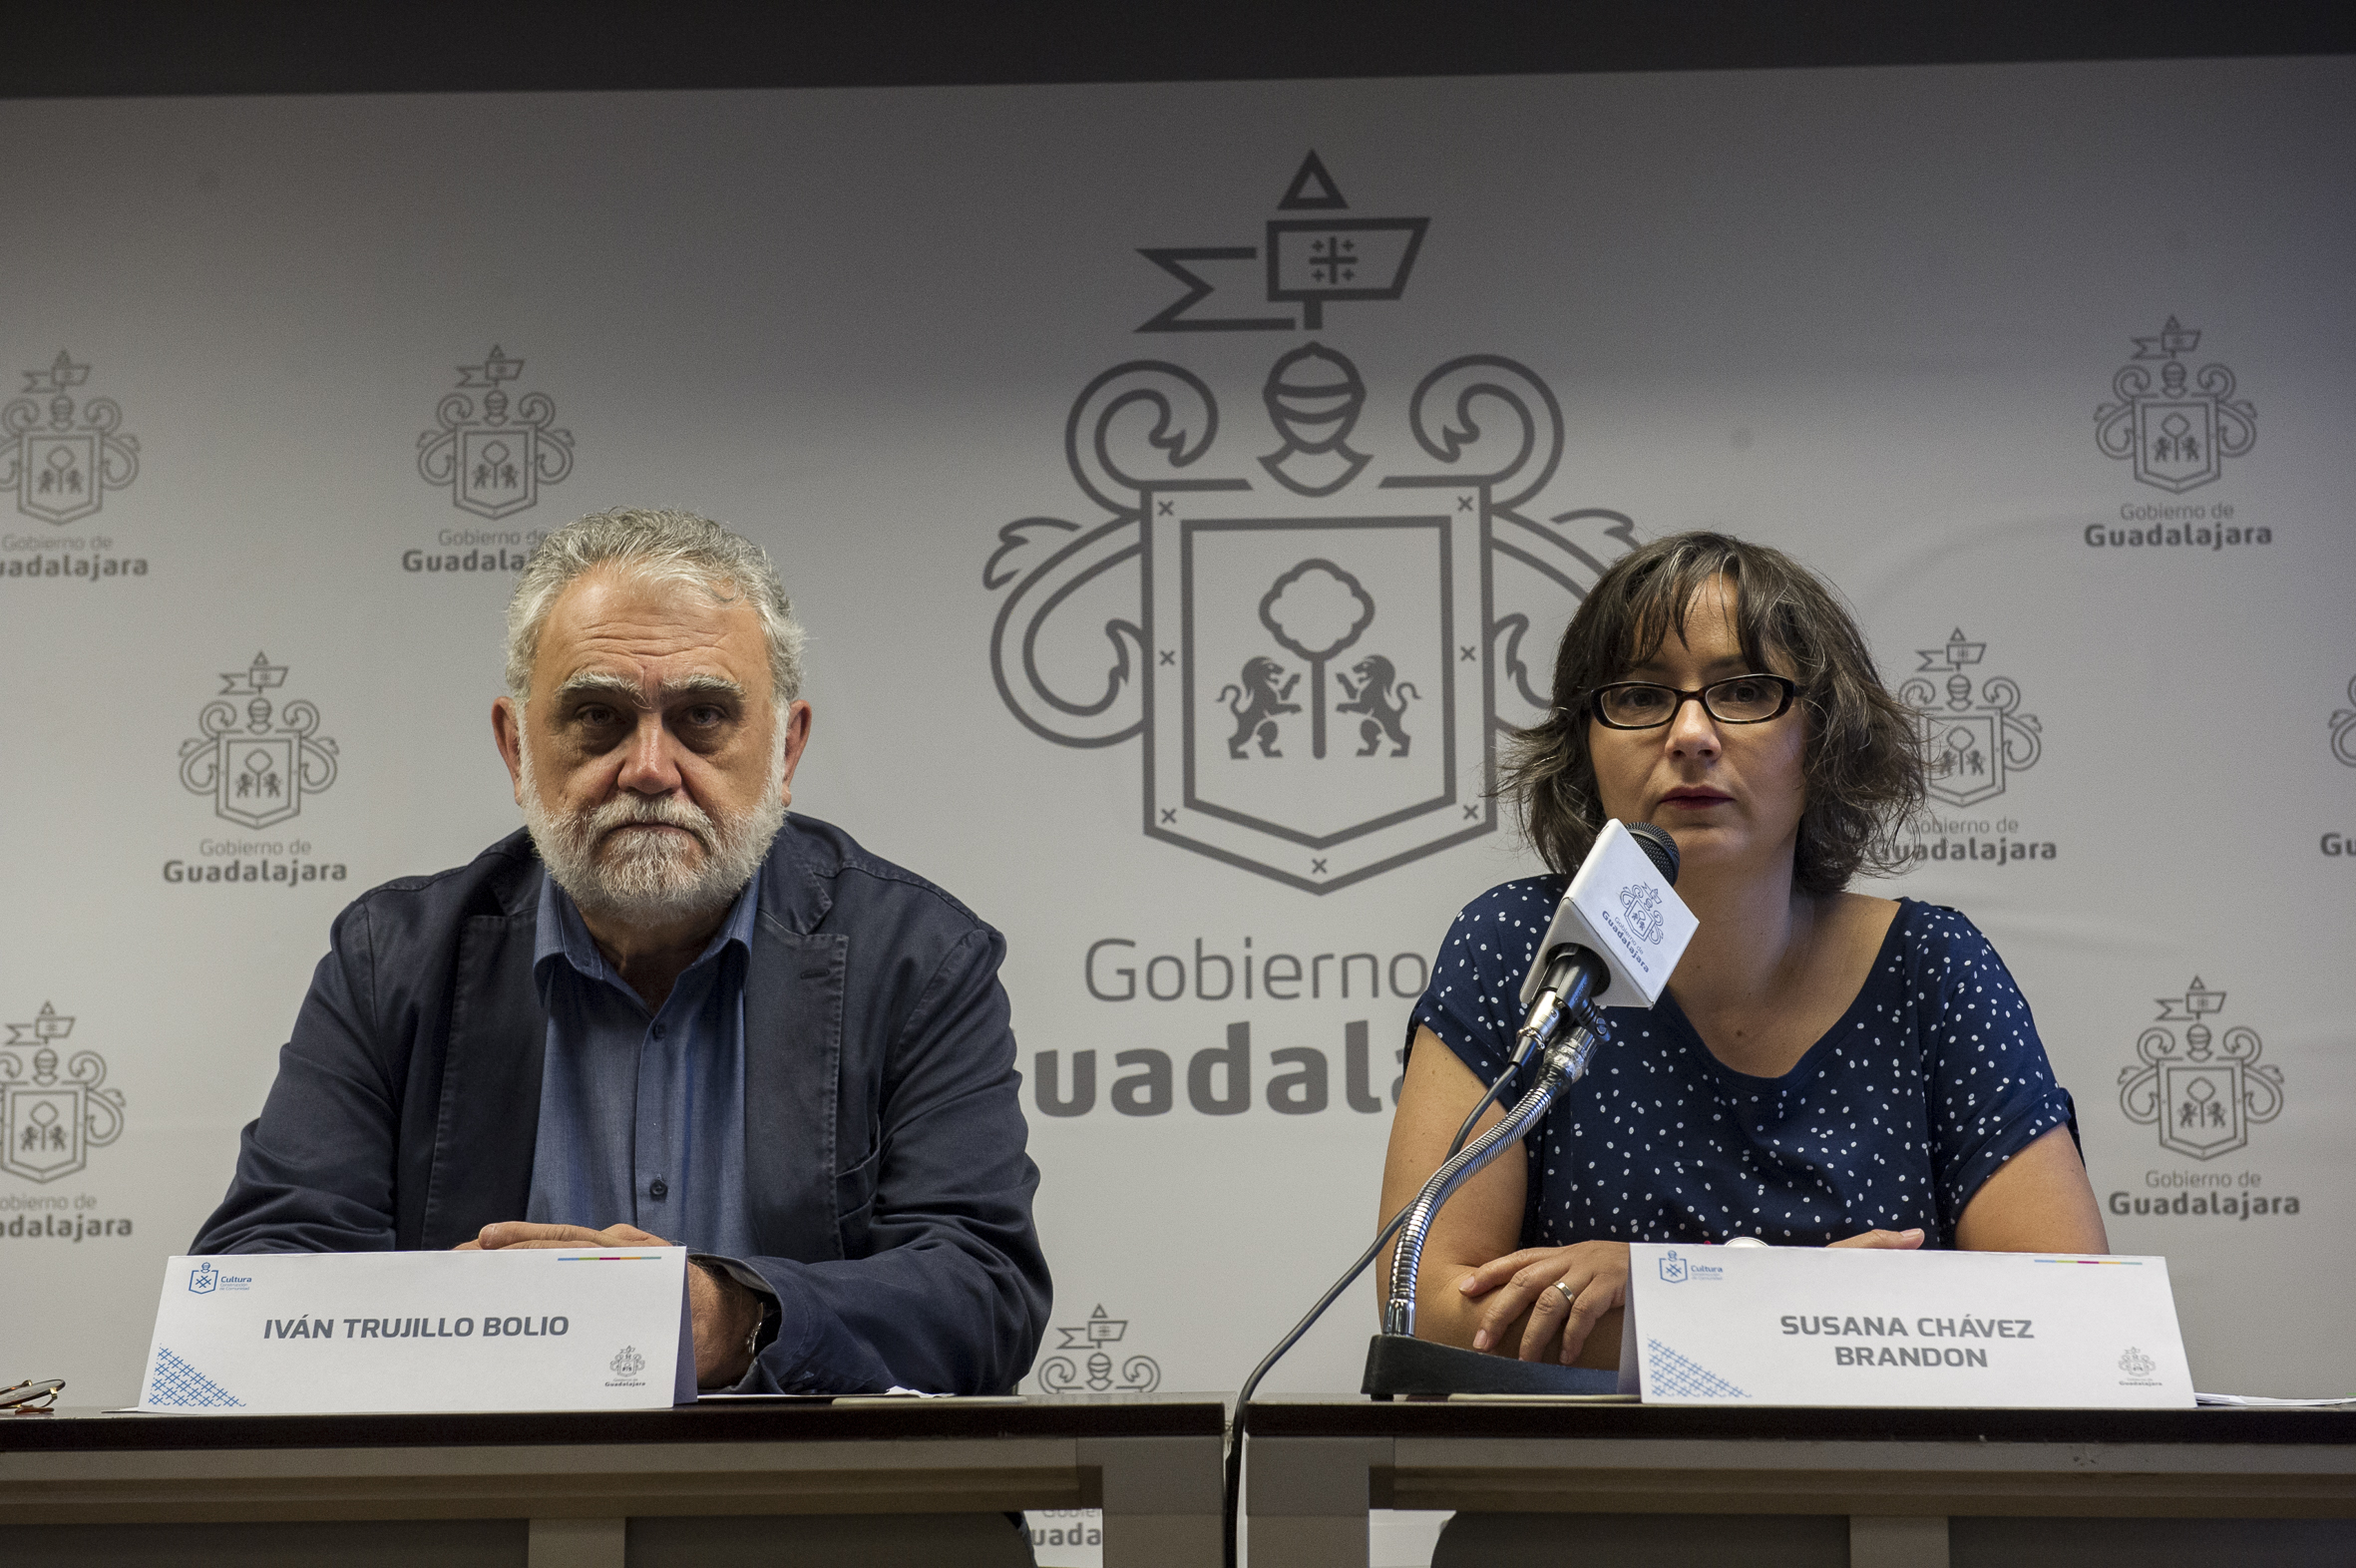 Susana Chávez Brandon, directora de Cultura del Ayuntamiento de Guadalajara haciendo uso de la palabra